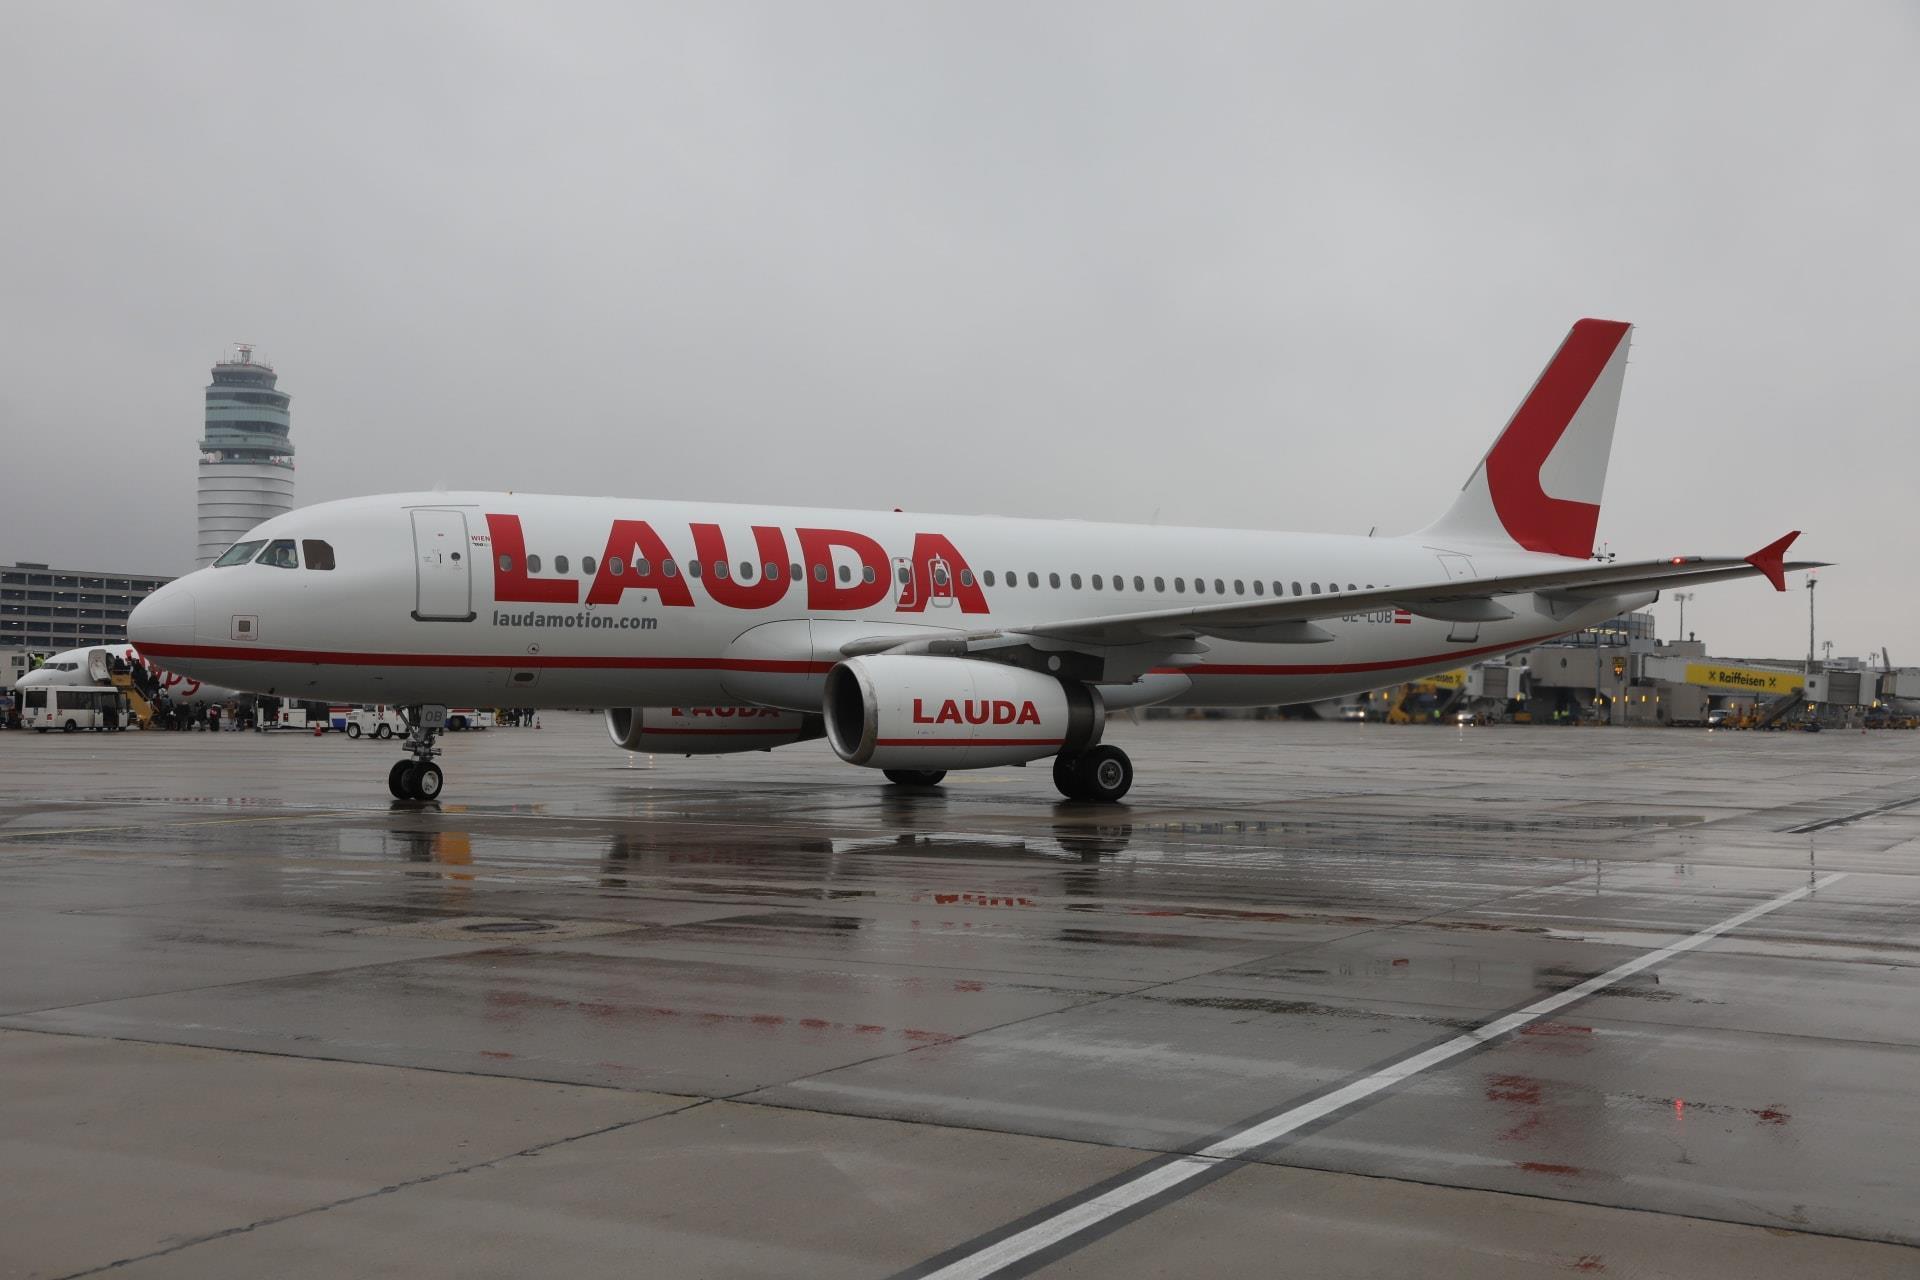 Lauda Air Ryanair